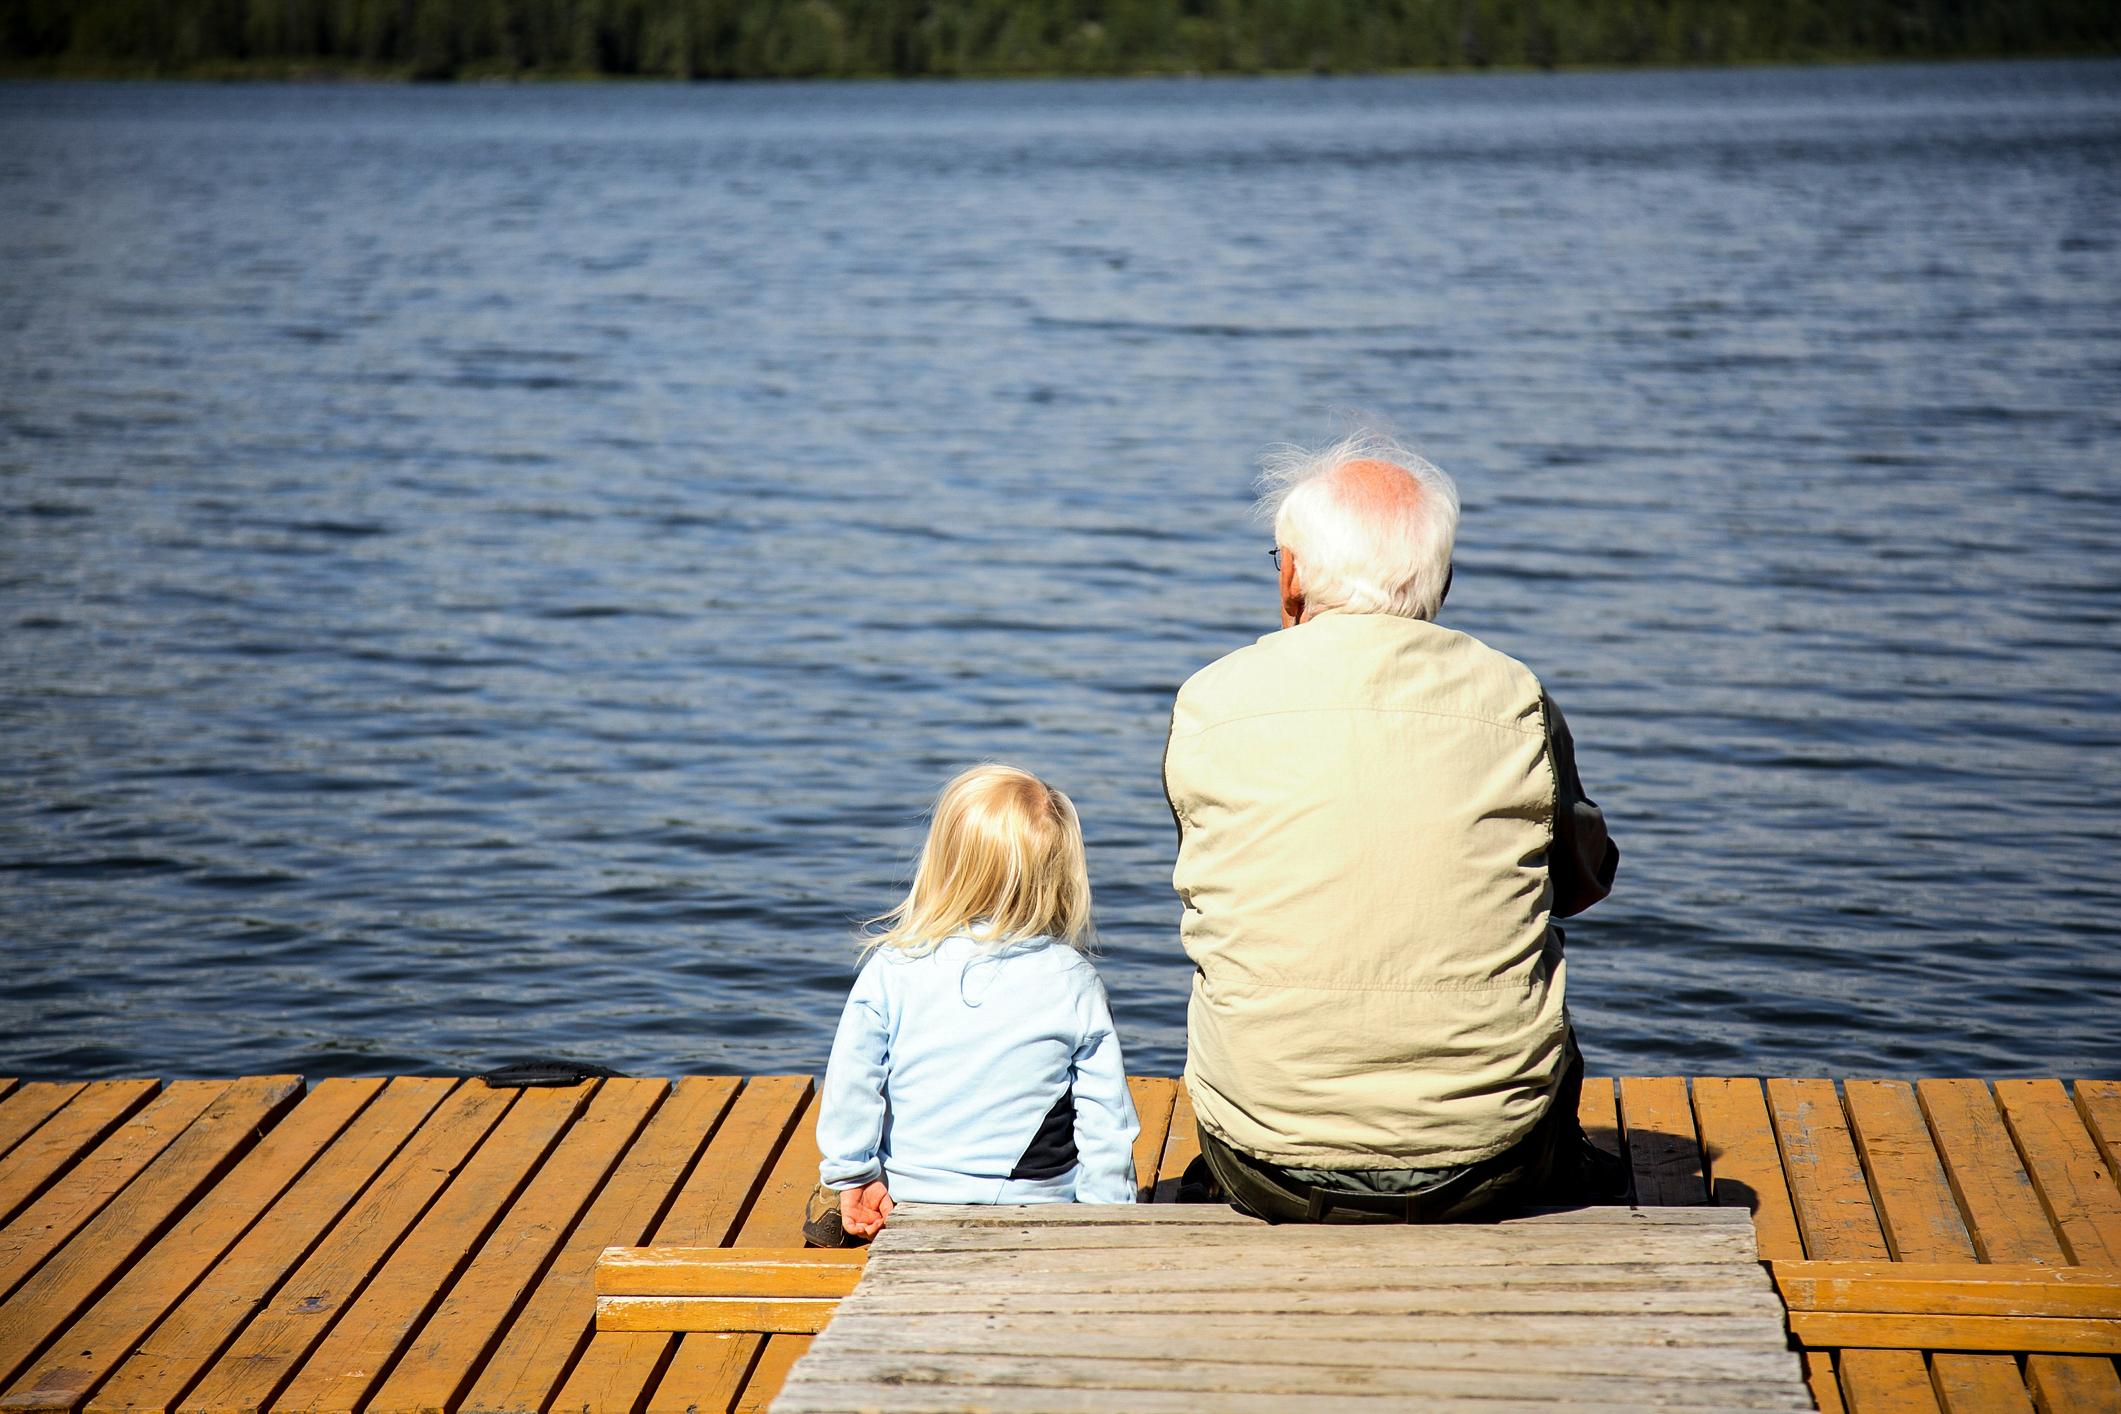 Daň za dlouhověkost a nízkou porodnost: V roce 2075 ve světě převáží senioři nad dětmi